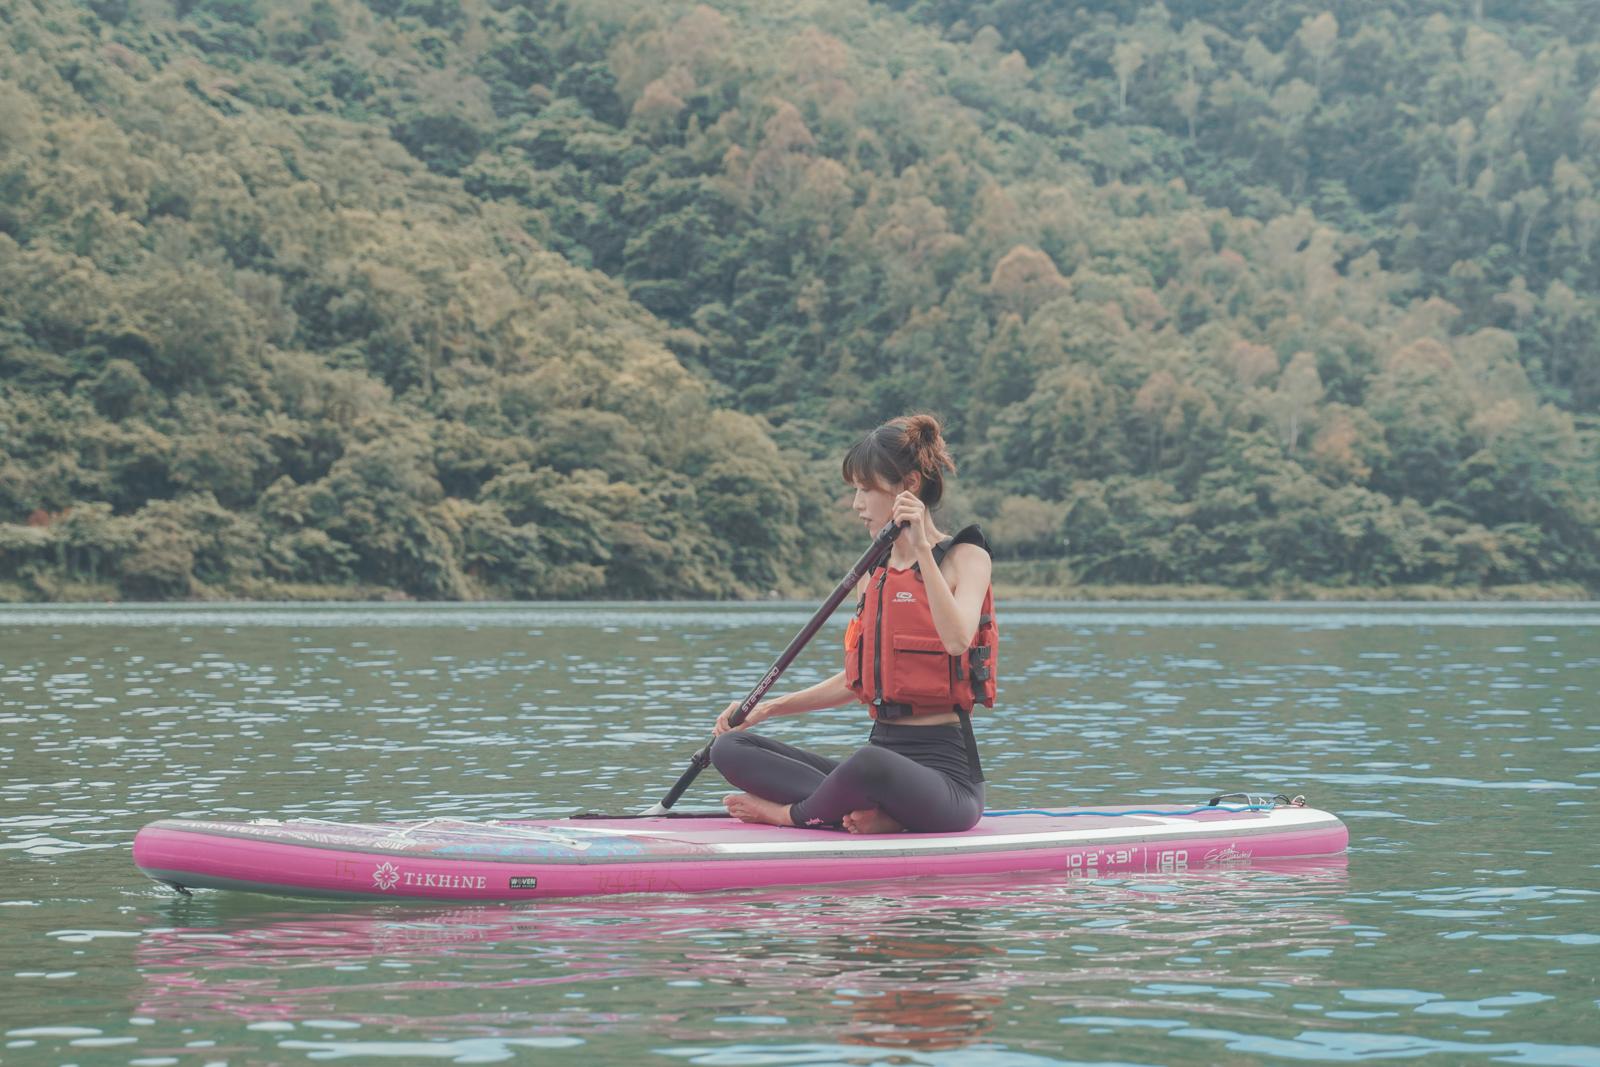 好野人 花蓮鯉魚潭 SUP 立槳、清水斷崖獨木舟體驗